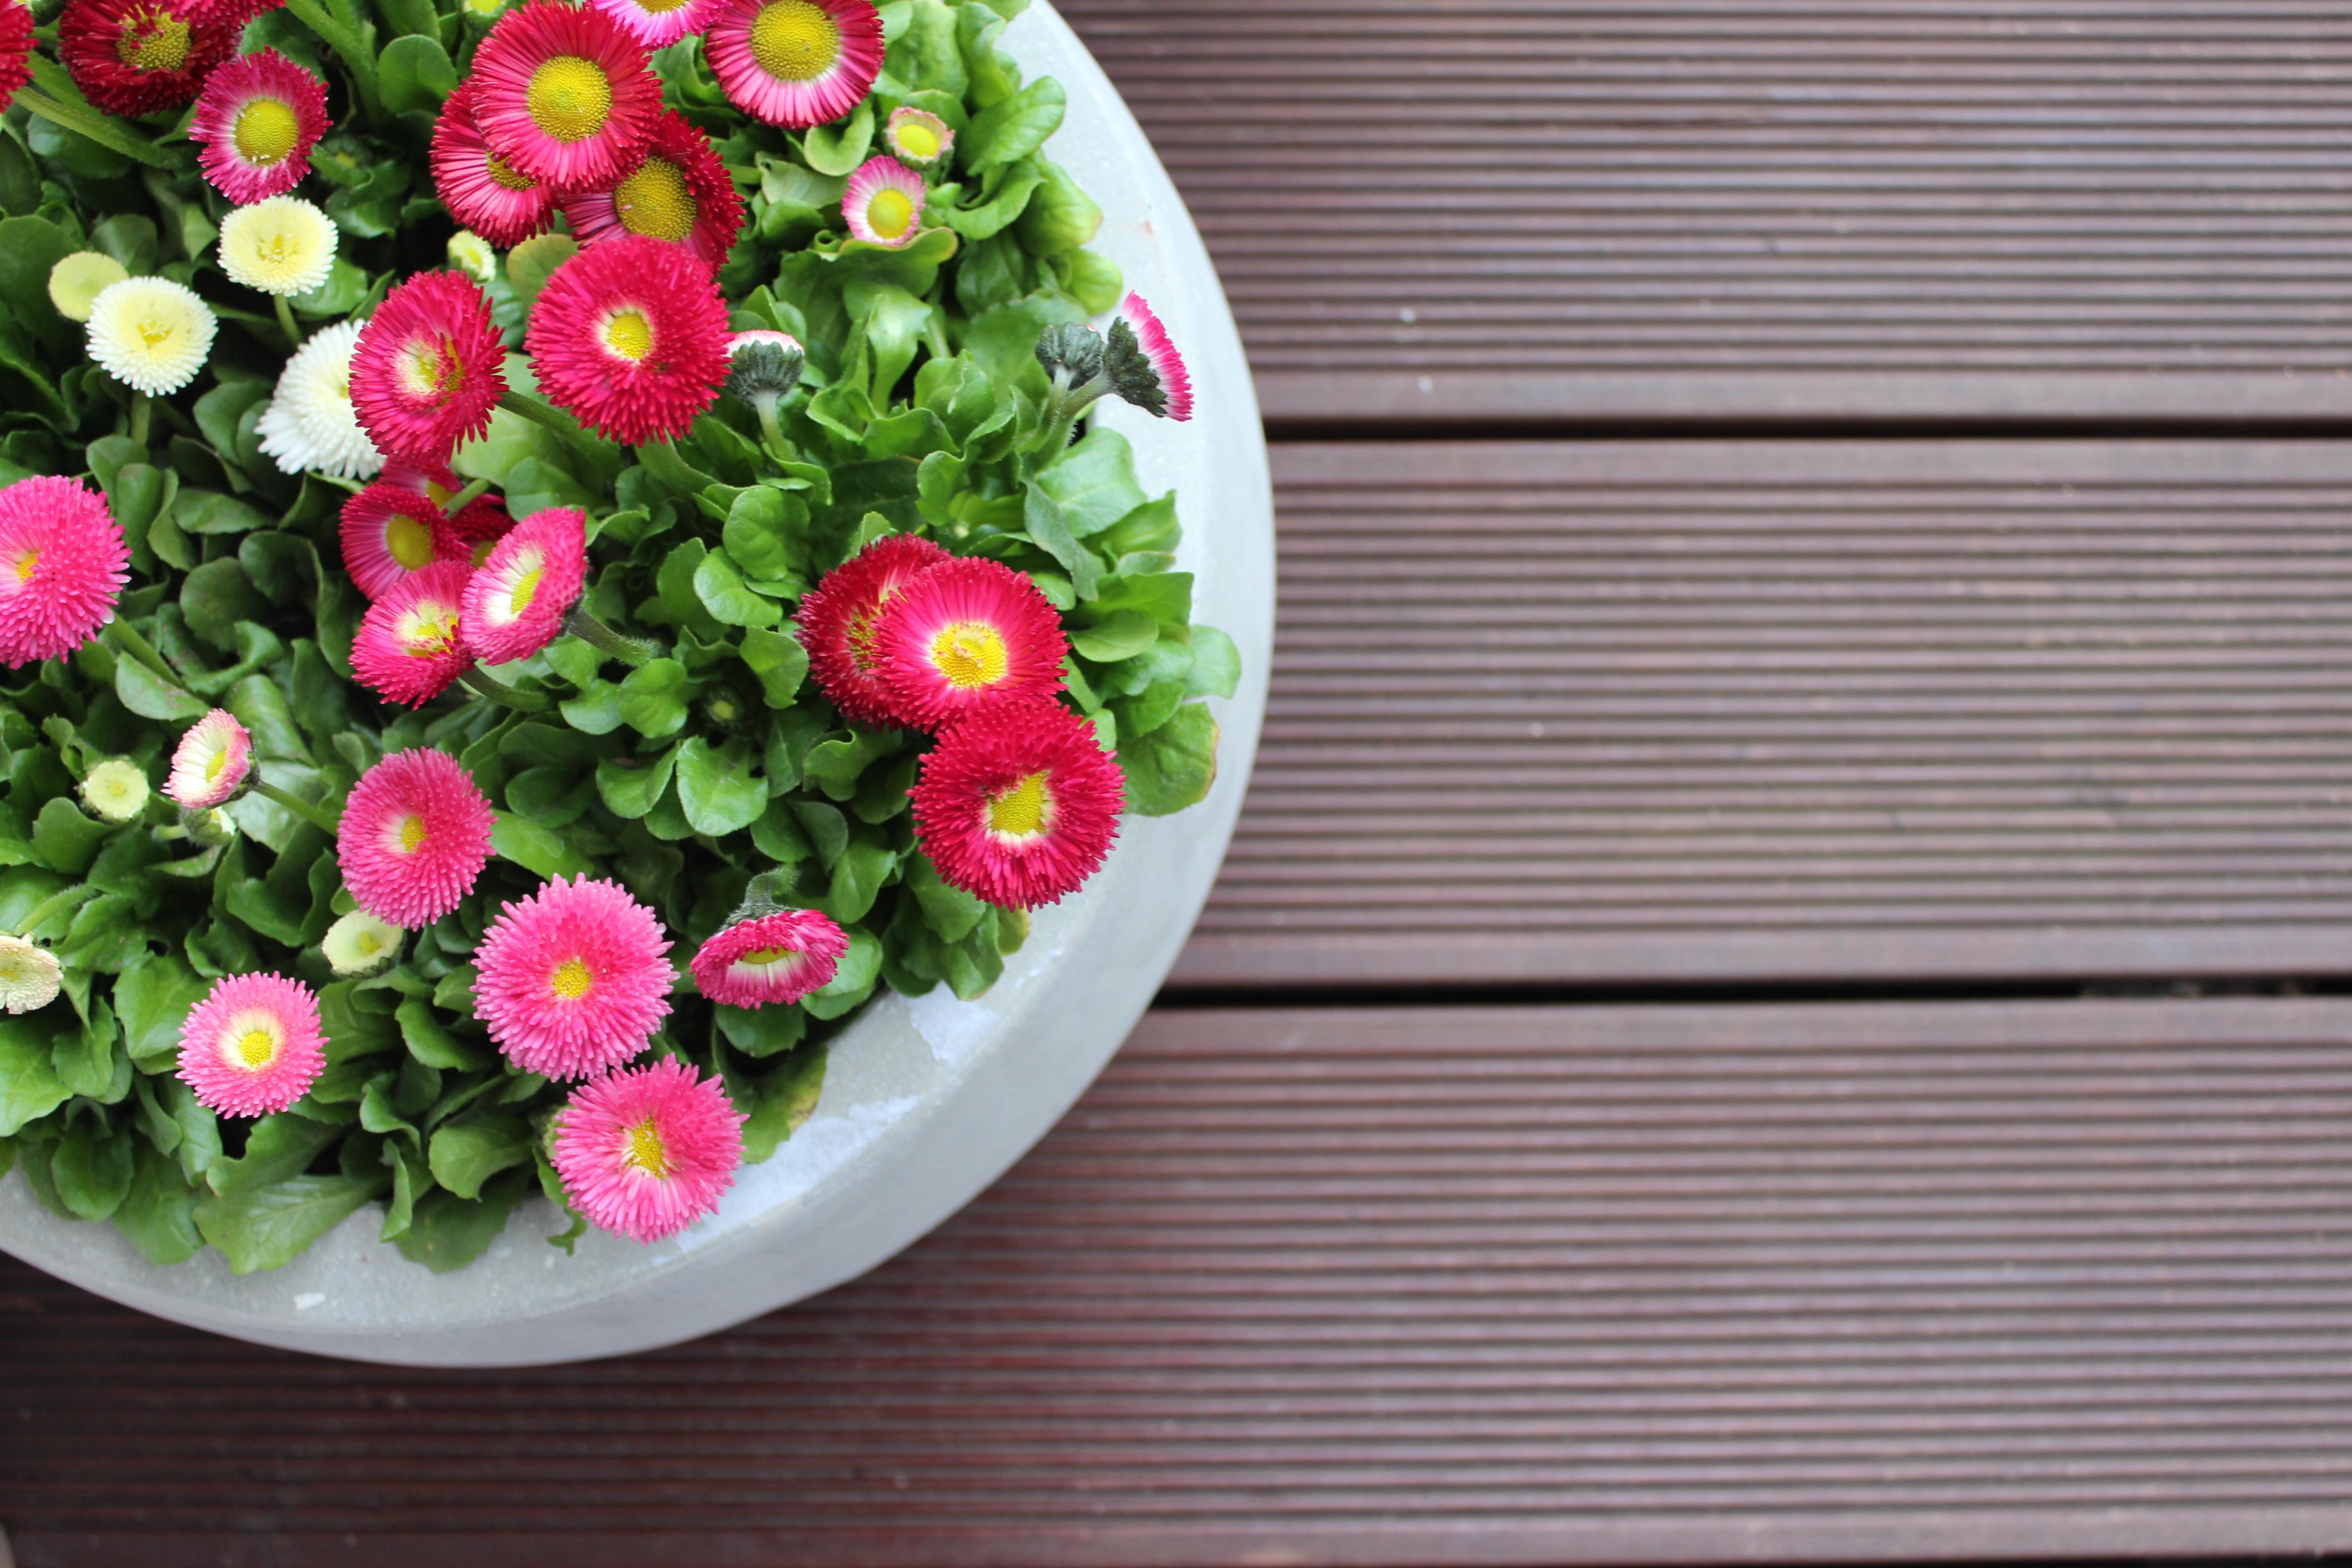 Pedantula Pierwsze Kwiaty Na Balkon To Już Wiosna